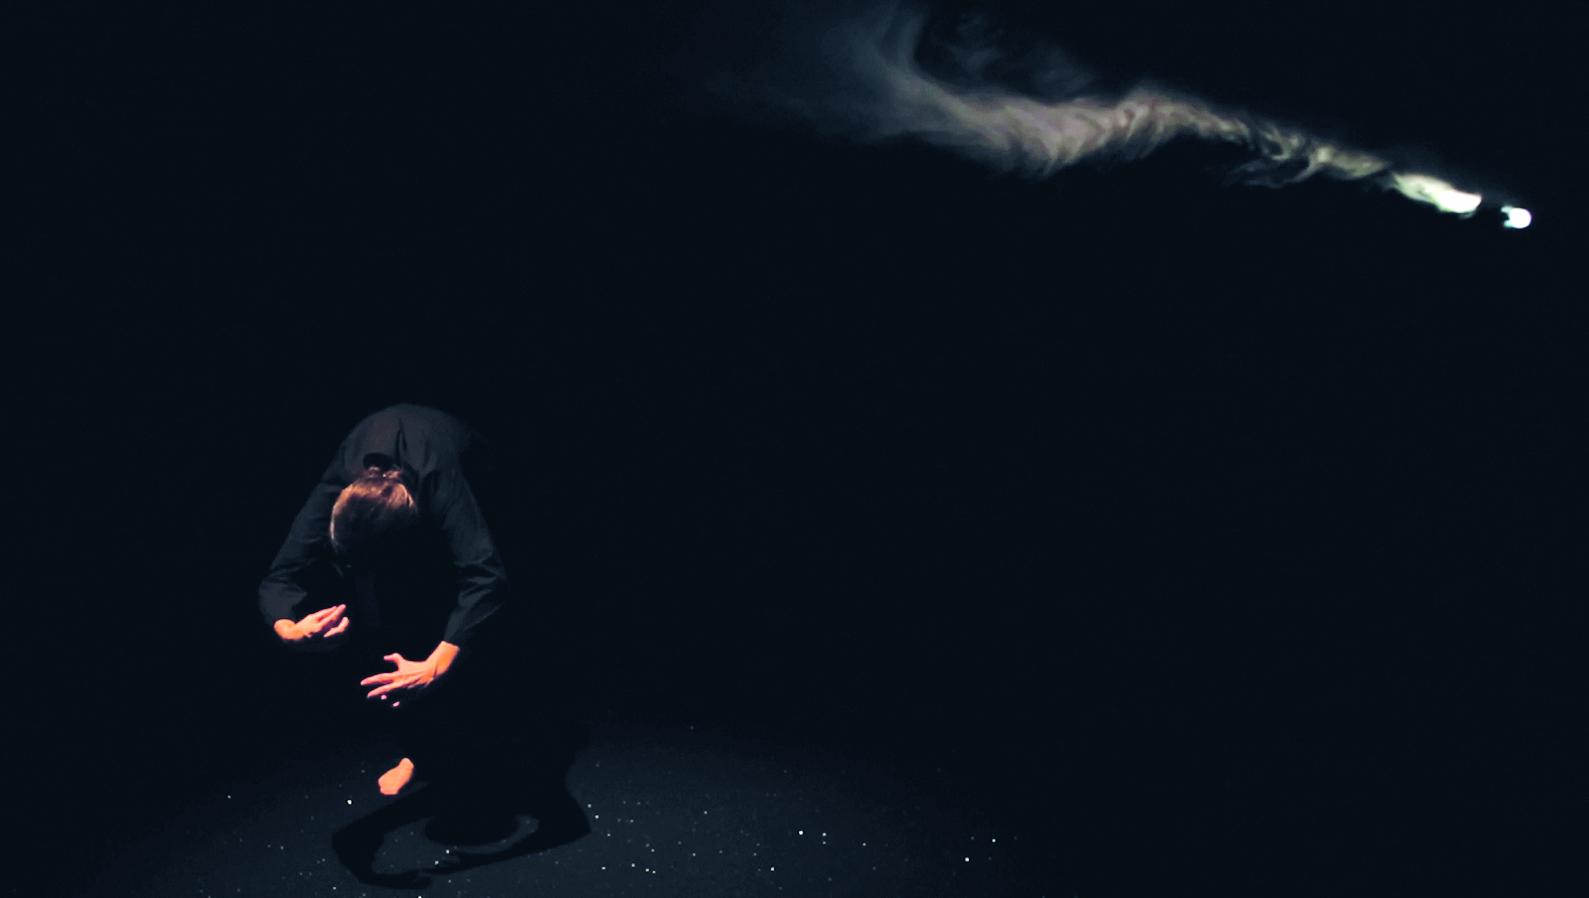 Je suis la bête © Florent Gouëlou